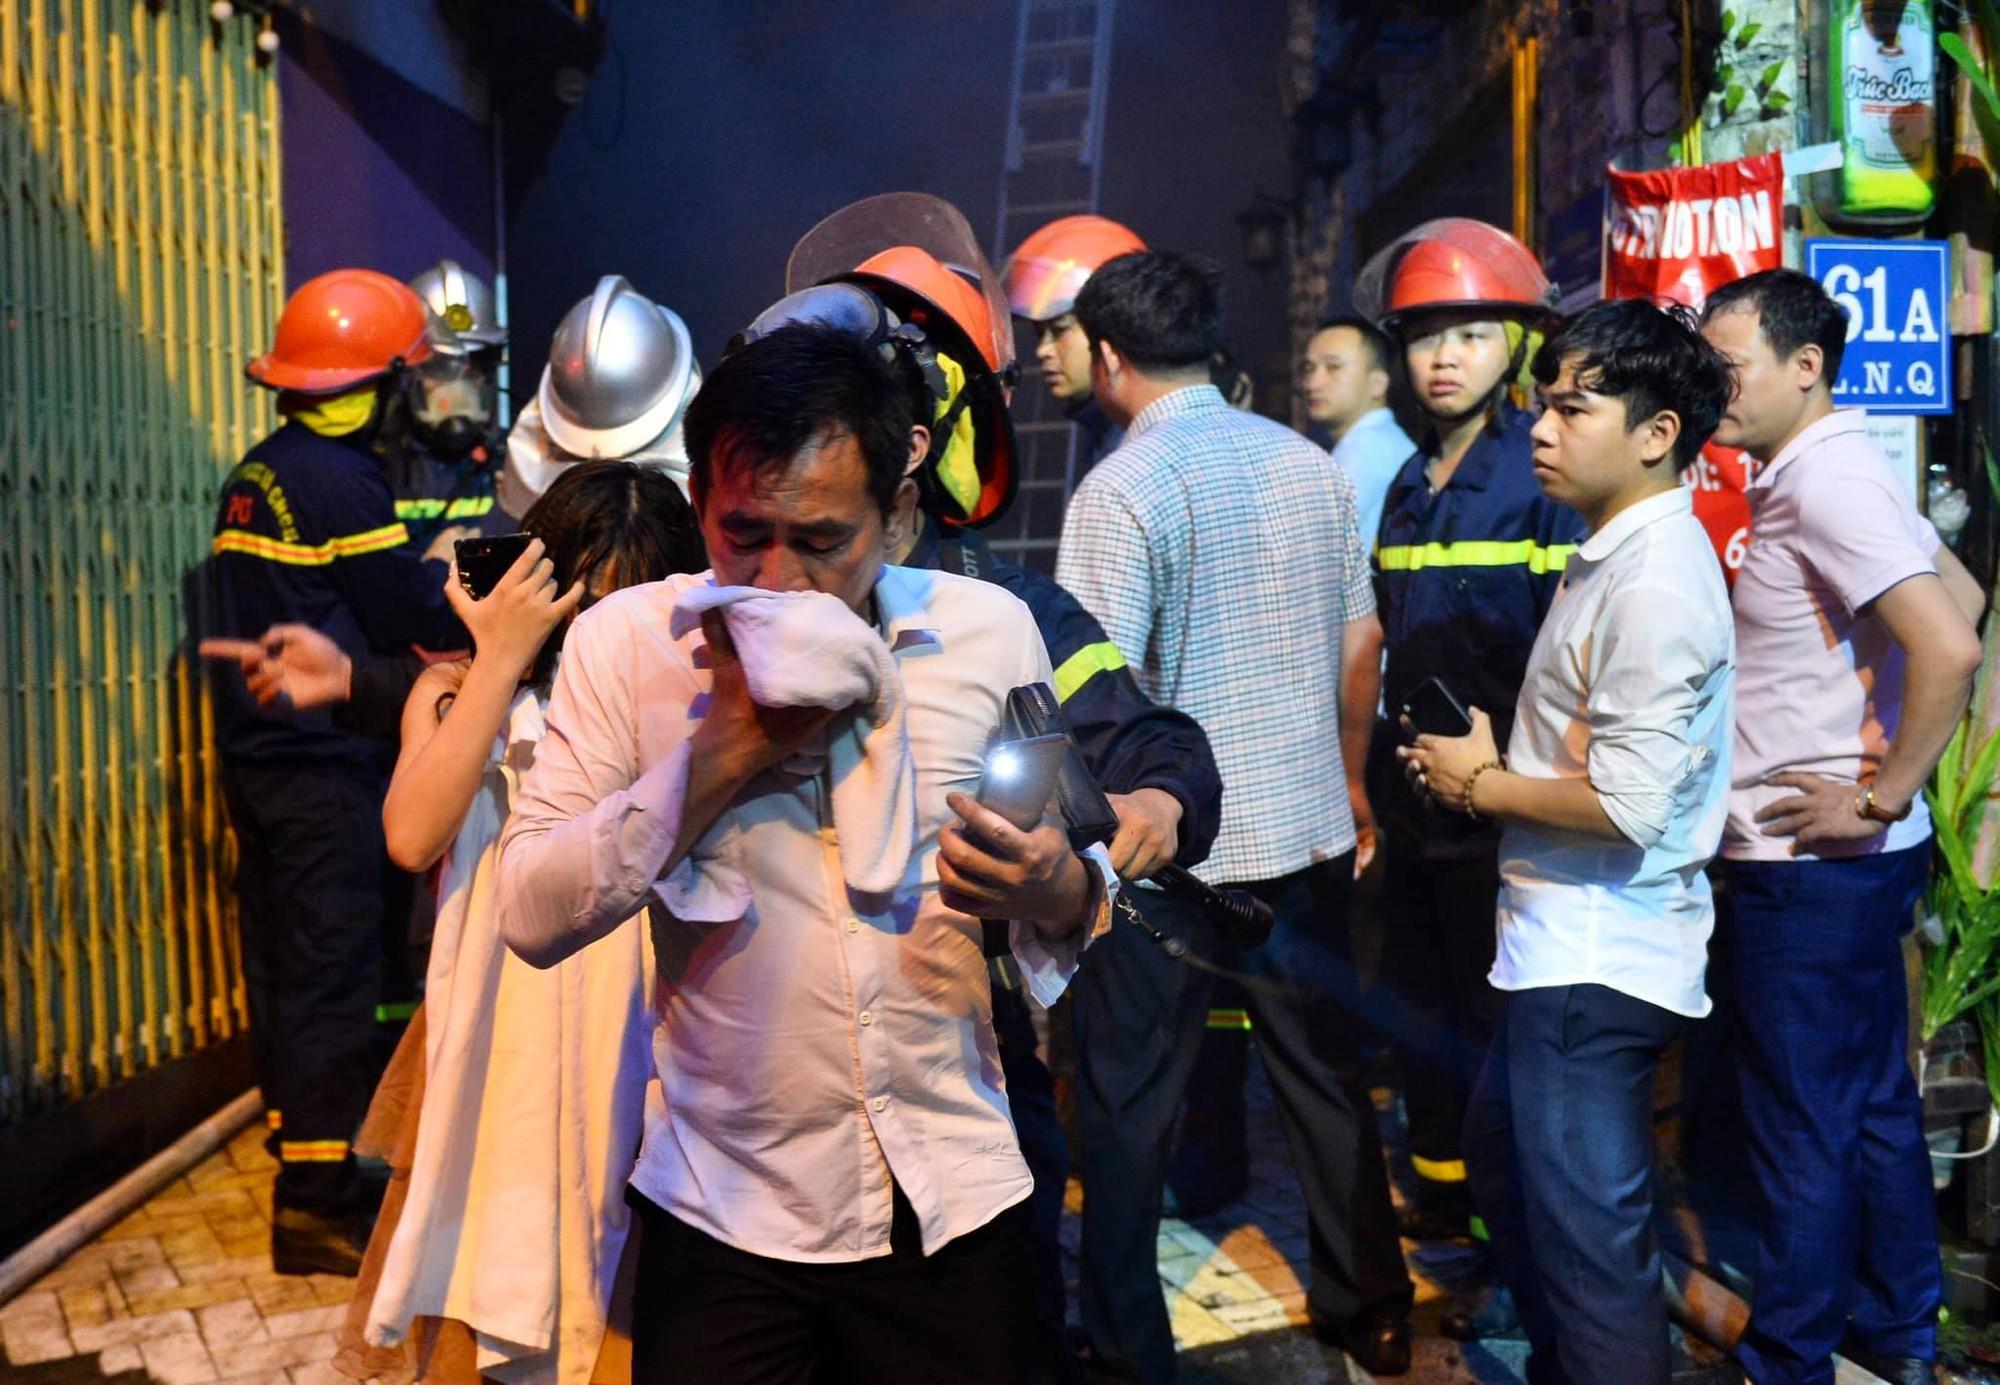 Cháy khách sạn trên phố cổ Hà Nội lúc sáng sớm, nhiều người chỉ kịp choàng khăn tắm hốt hoảng tháo chạy-6